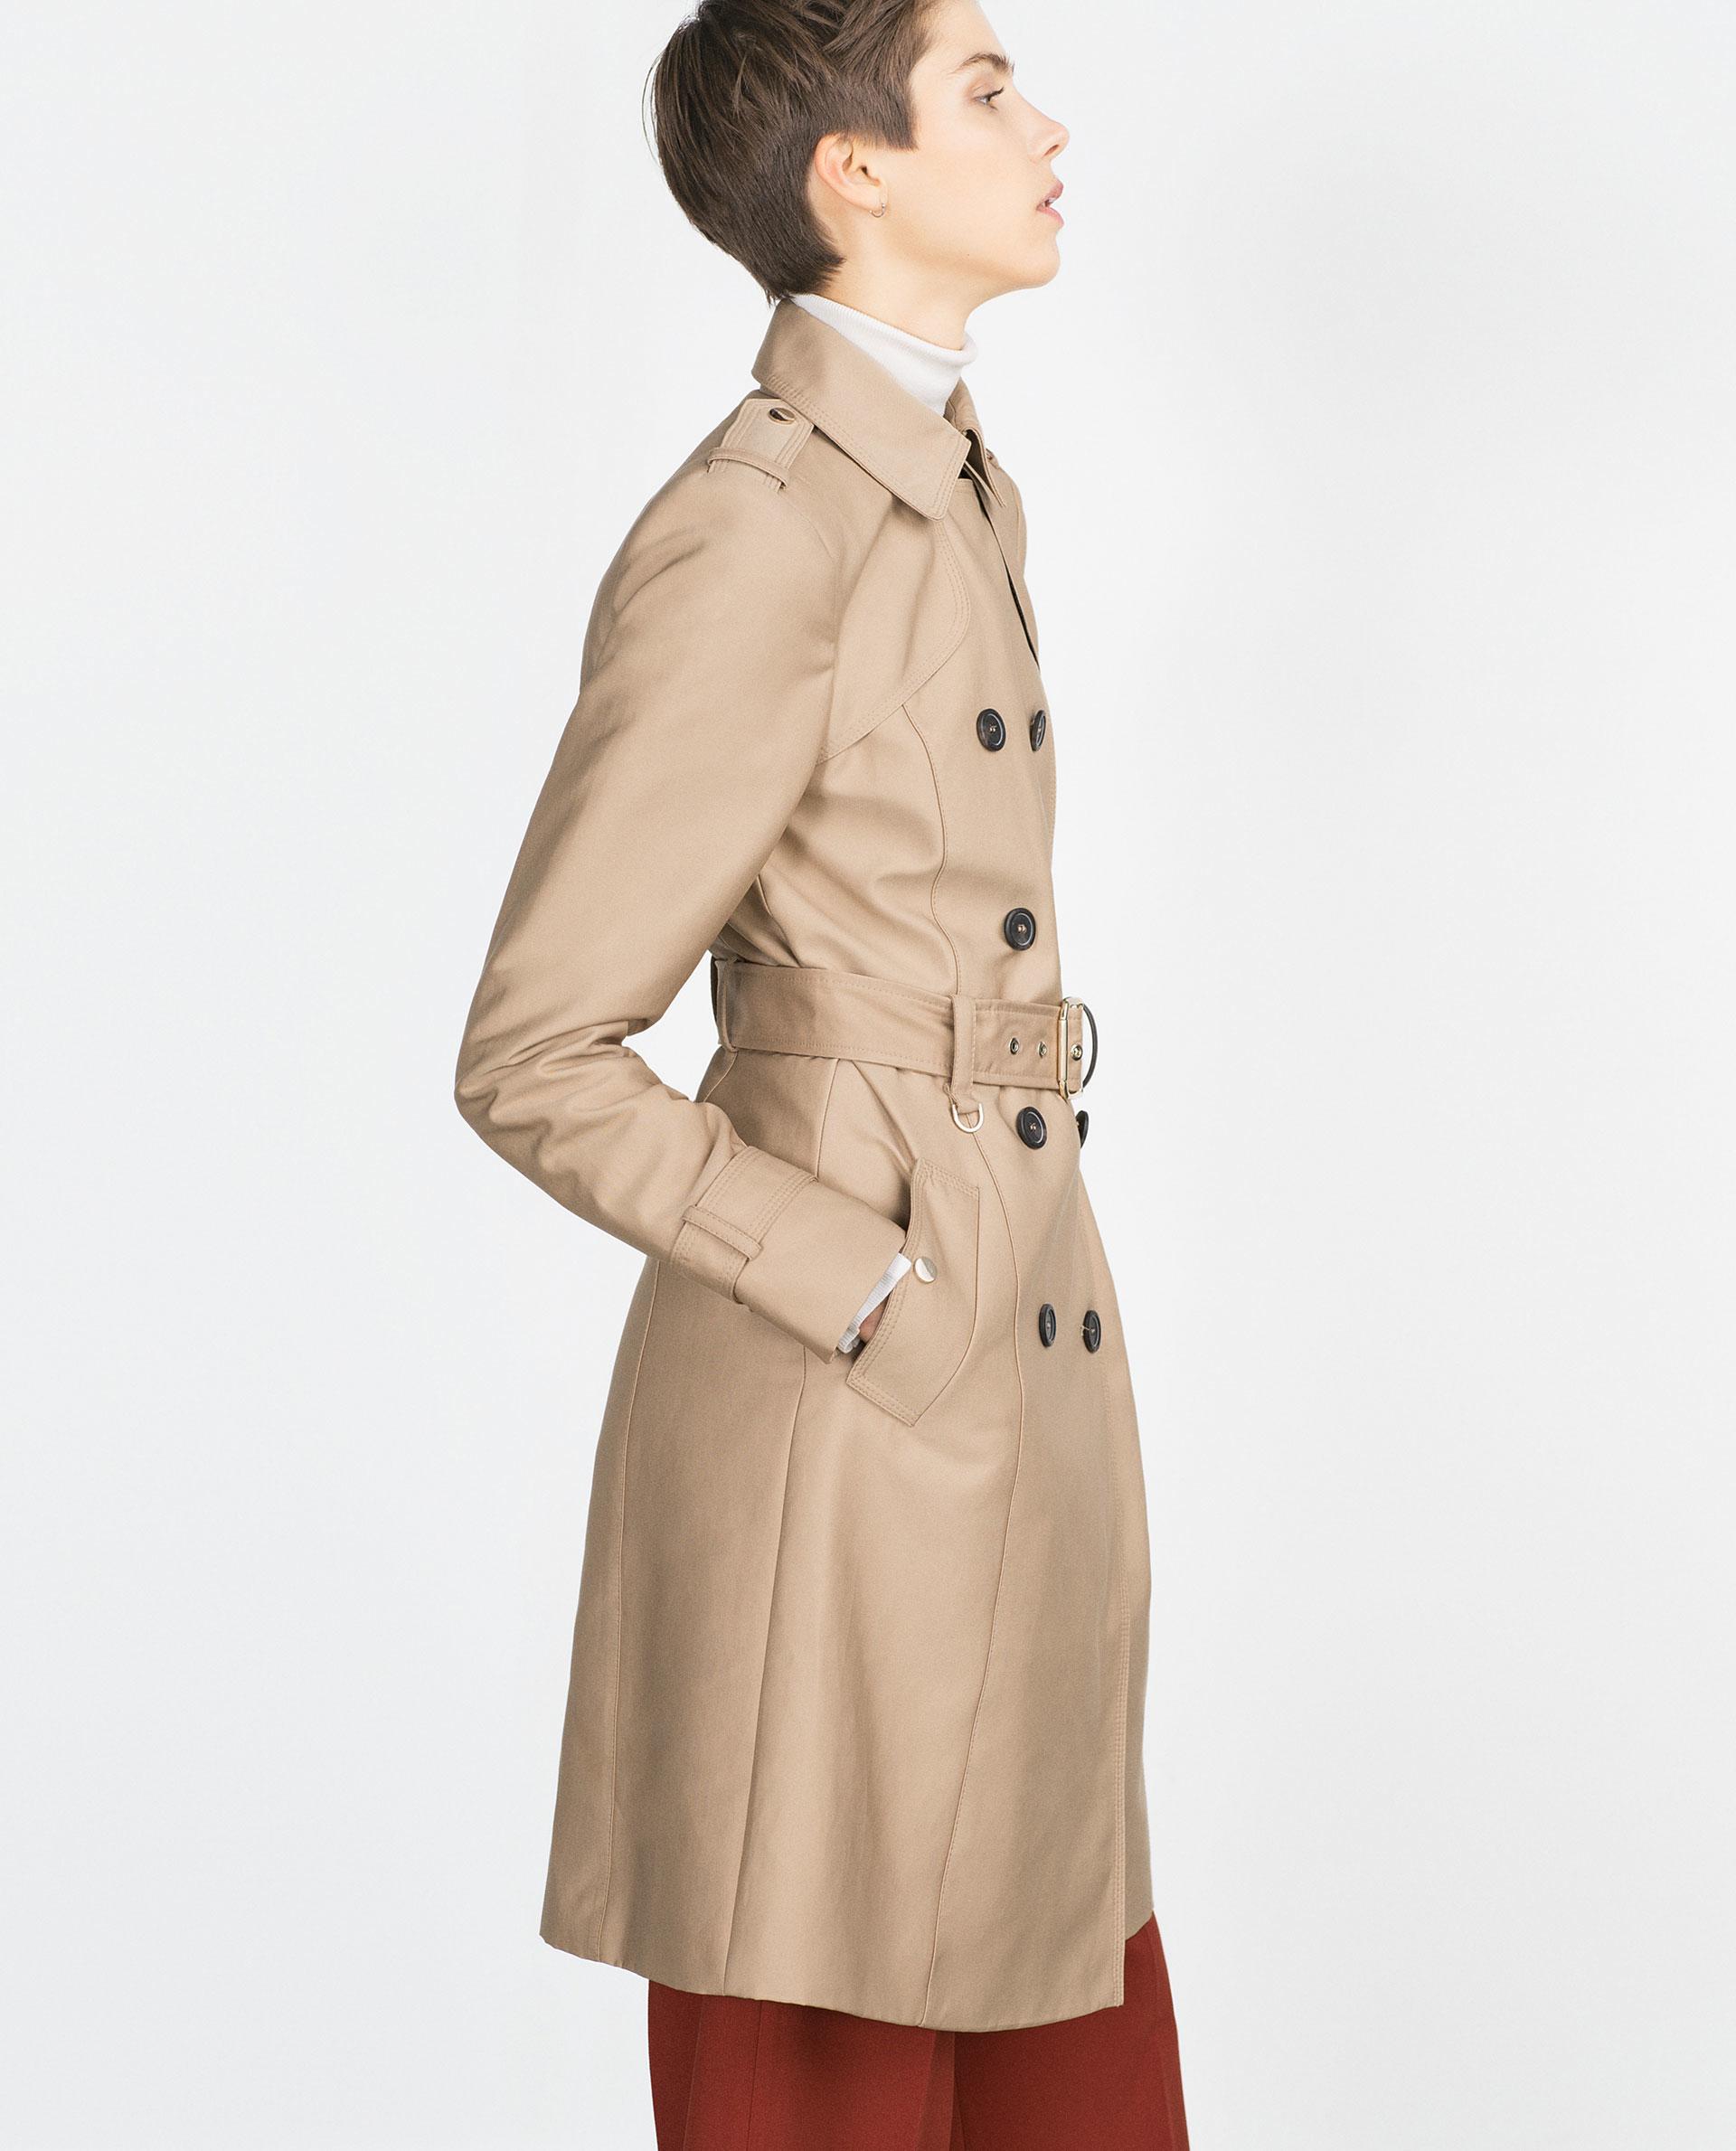 long trench coat zara tradingbasis